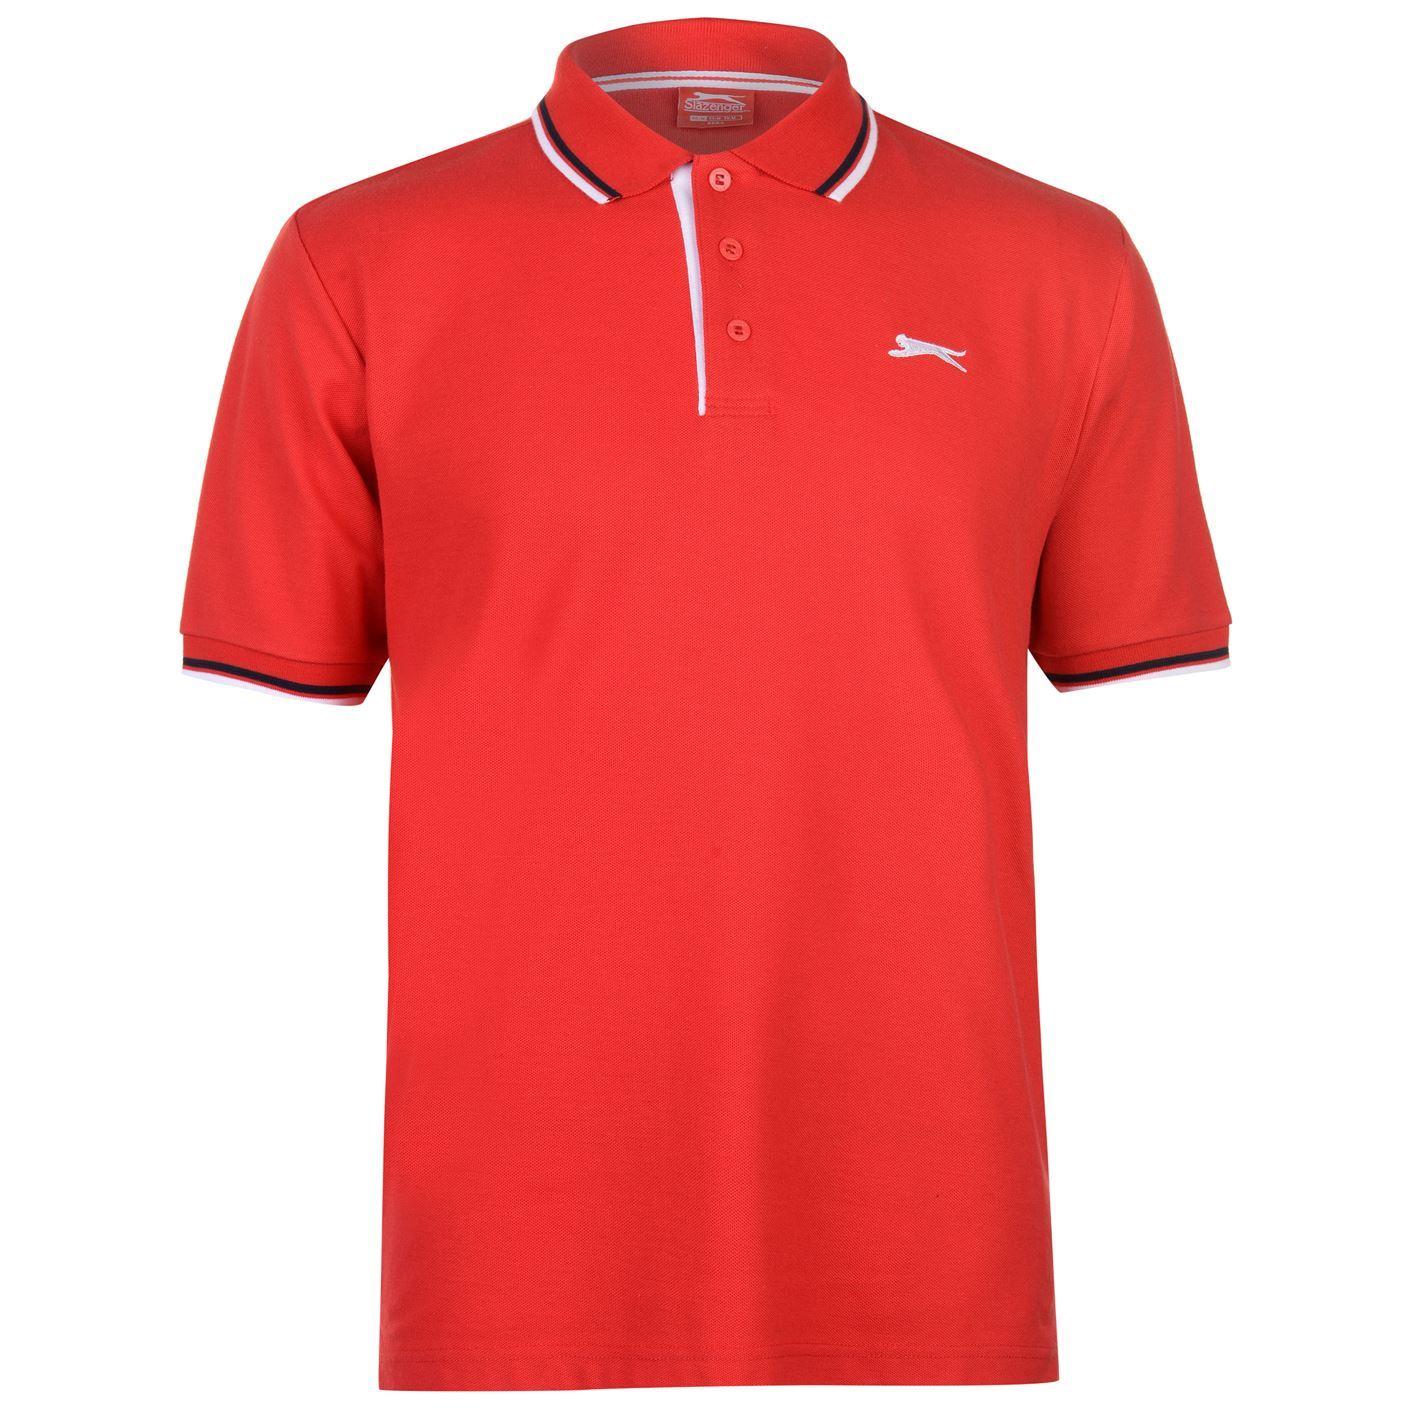 Slazenger-Polo-Camisa-de-hombre-con-cuello-con-Punta-T-Shirt-Top-Camiseta-Tee miniatura 27